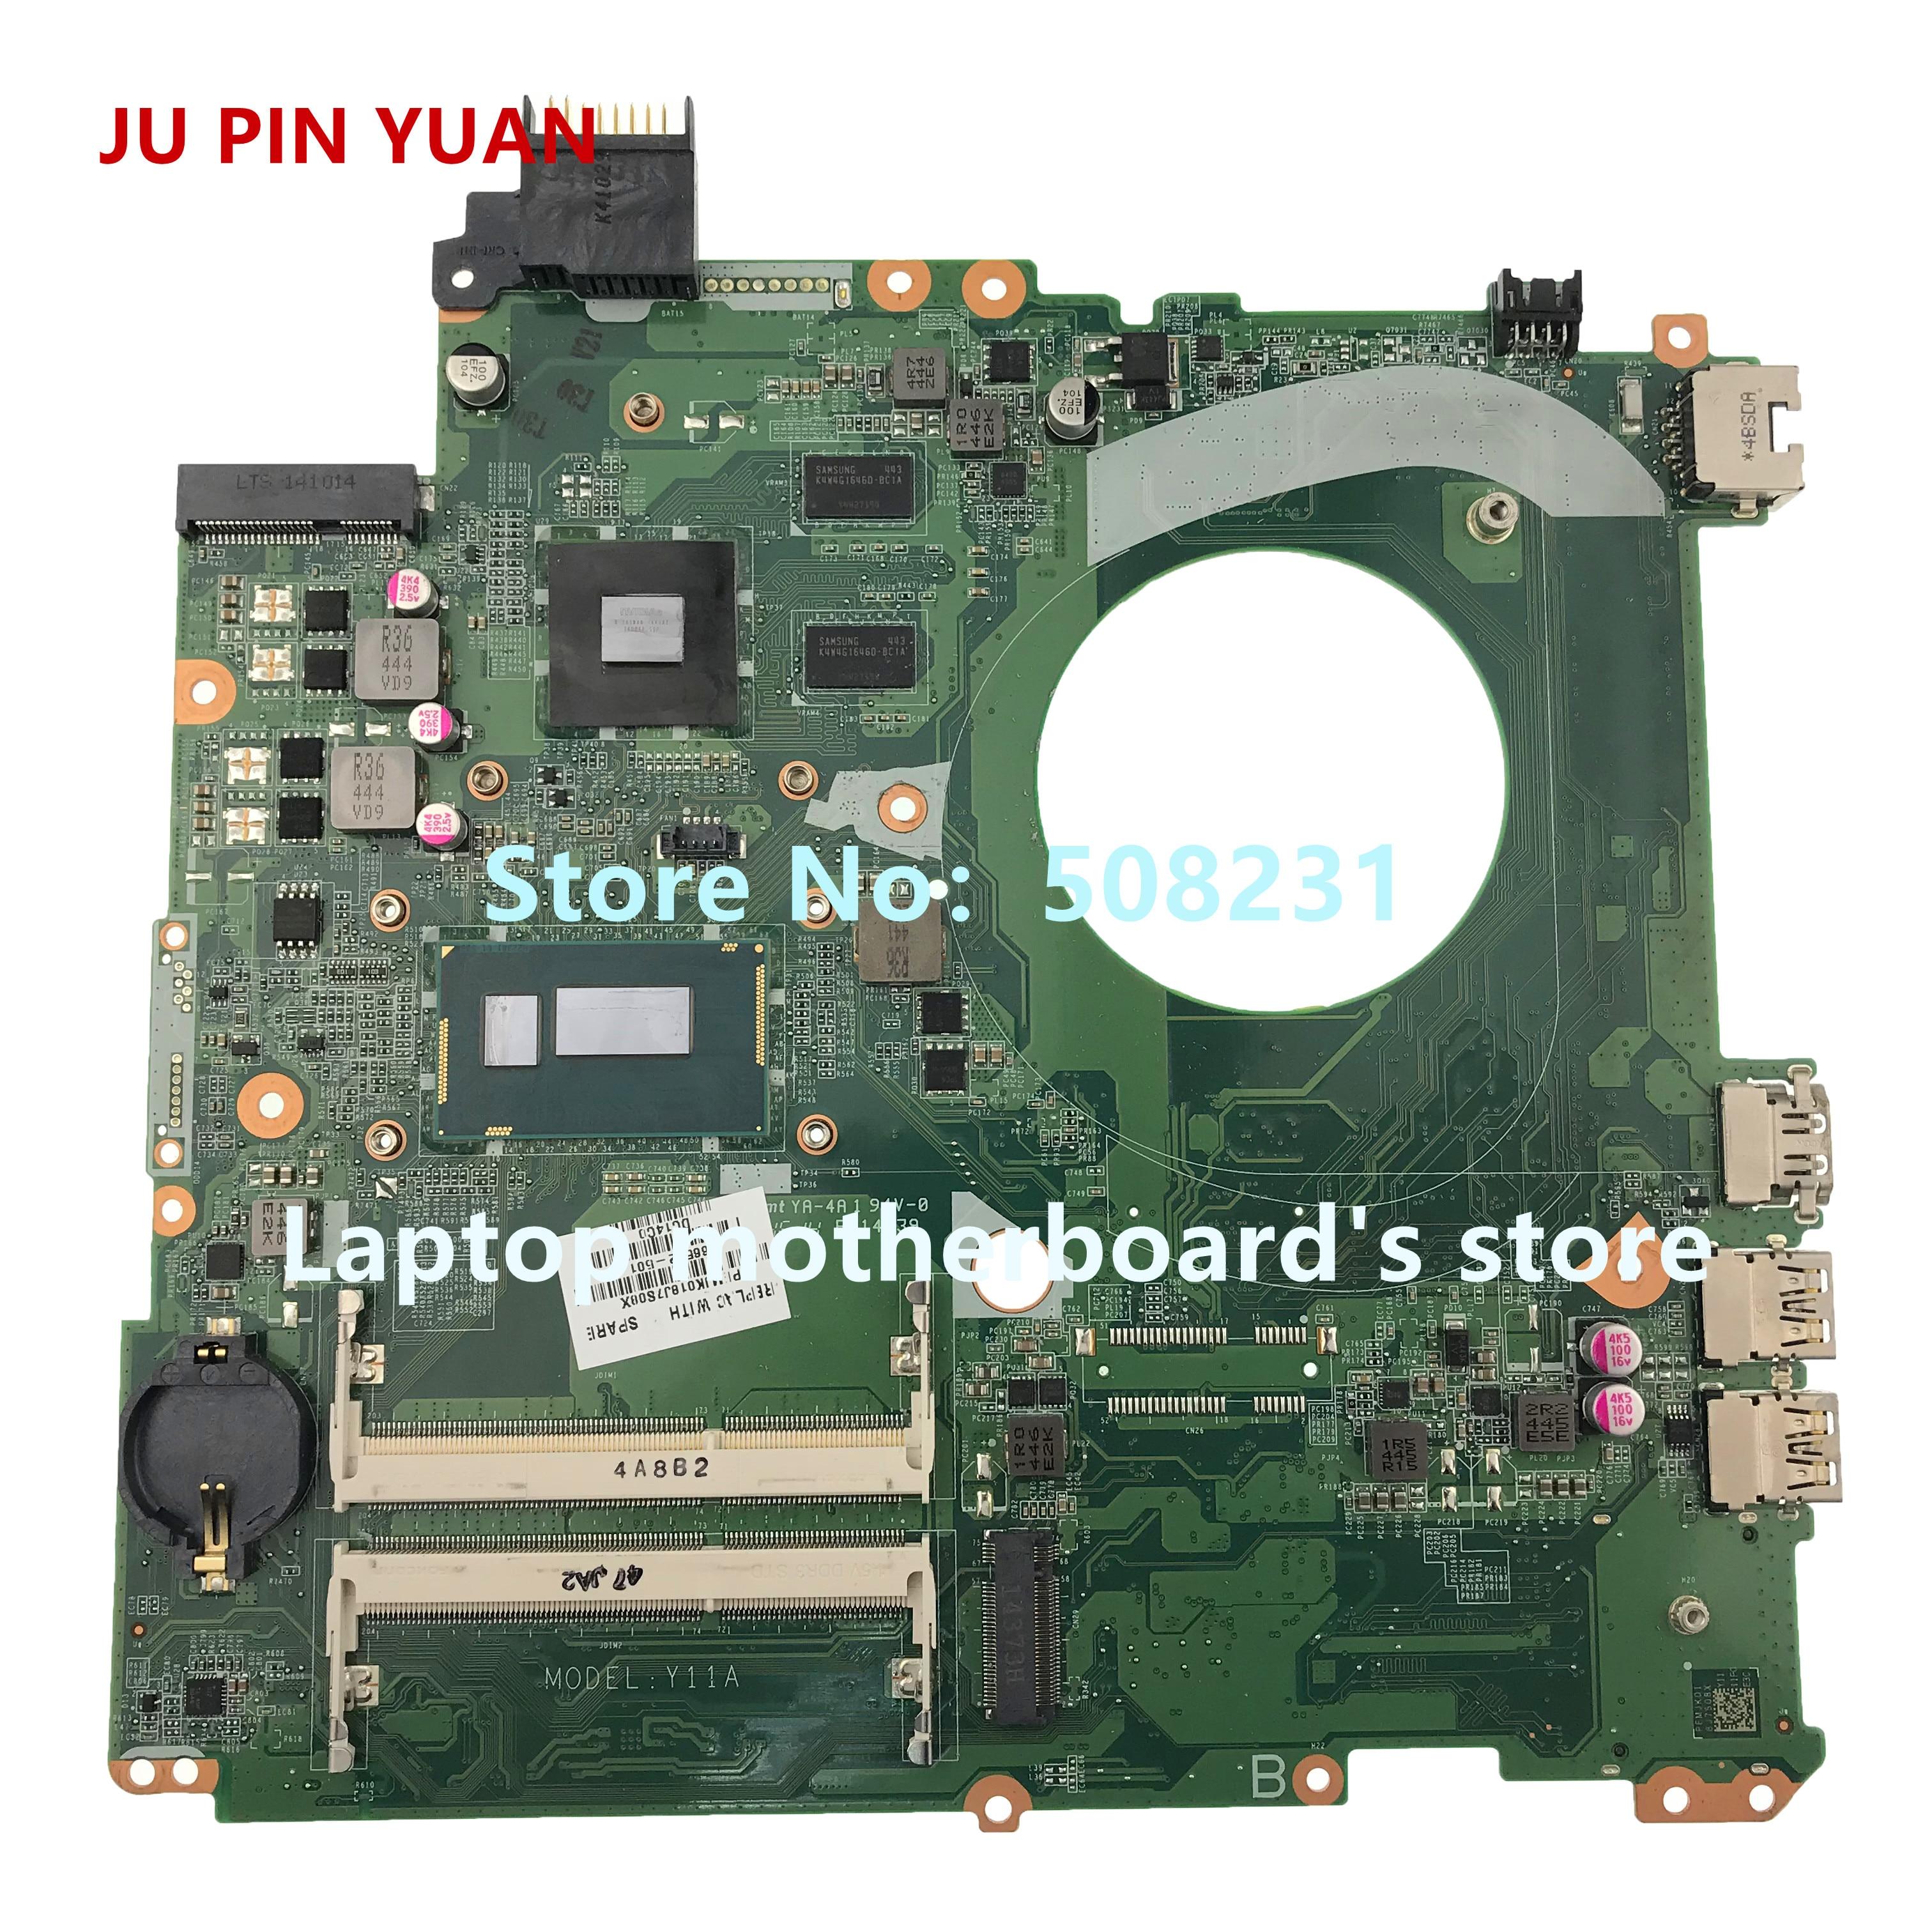 JU PIN YUAN 766592-501 766592-601 766592-001 DAY11AMB6E0 Para HP 15-K Laptop Motherboard com 840 m 2 gb i7-4510U totalmente Testado